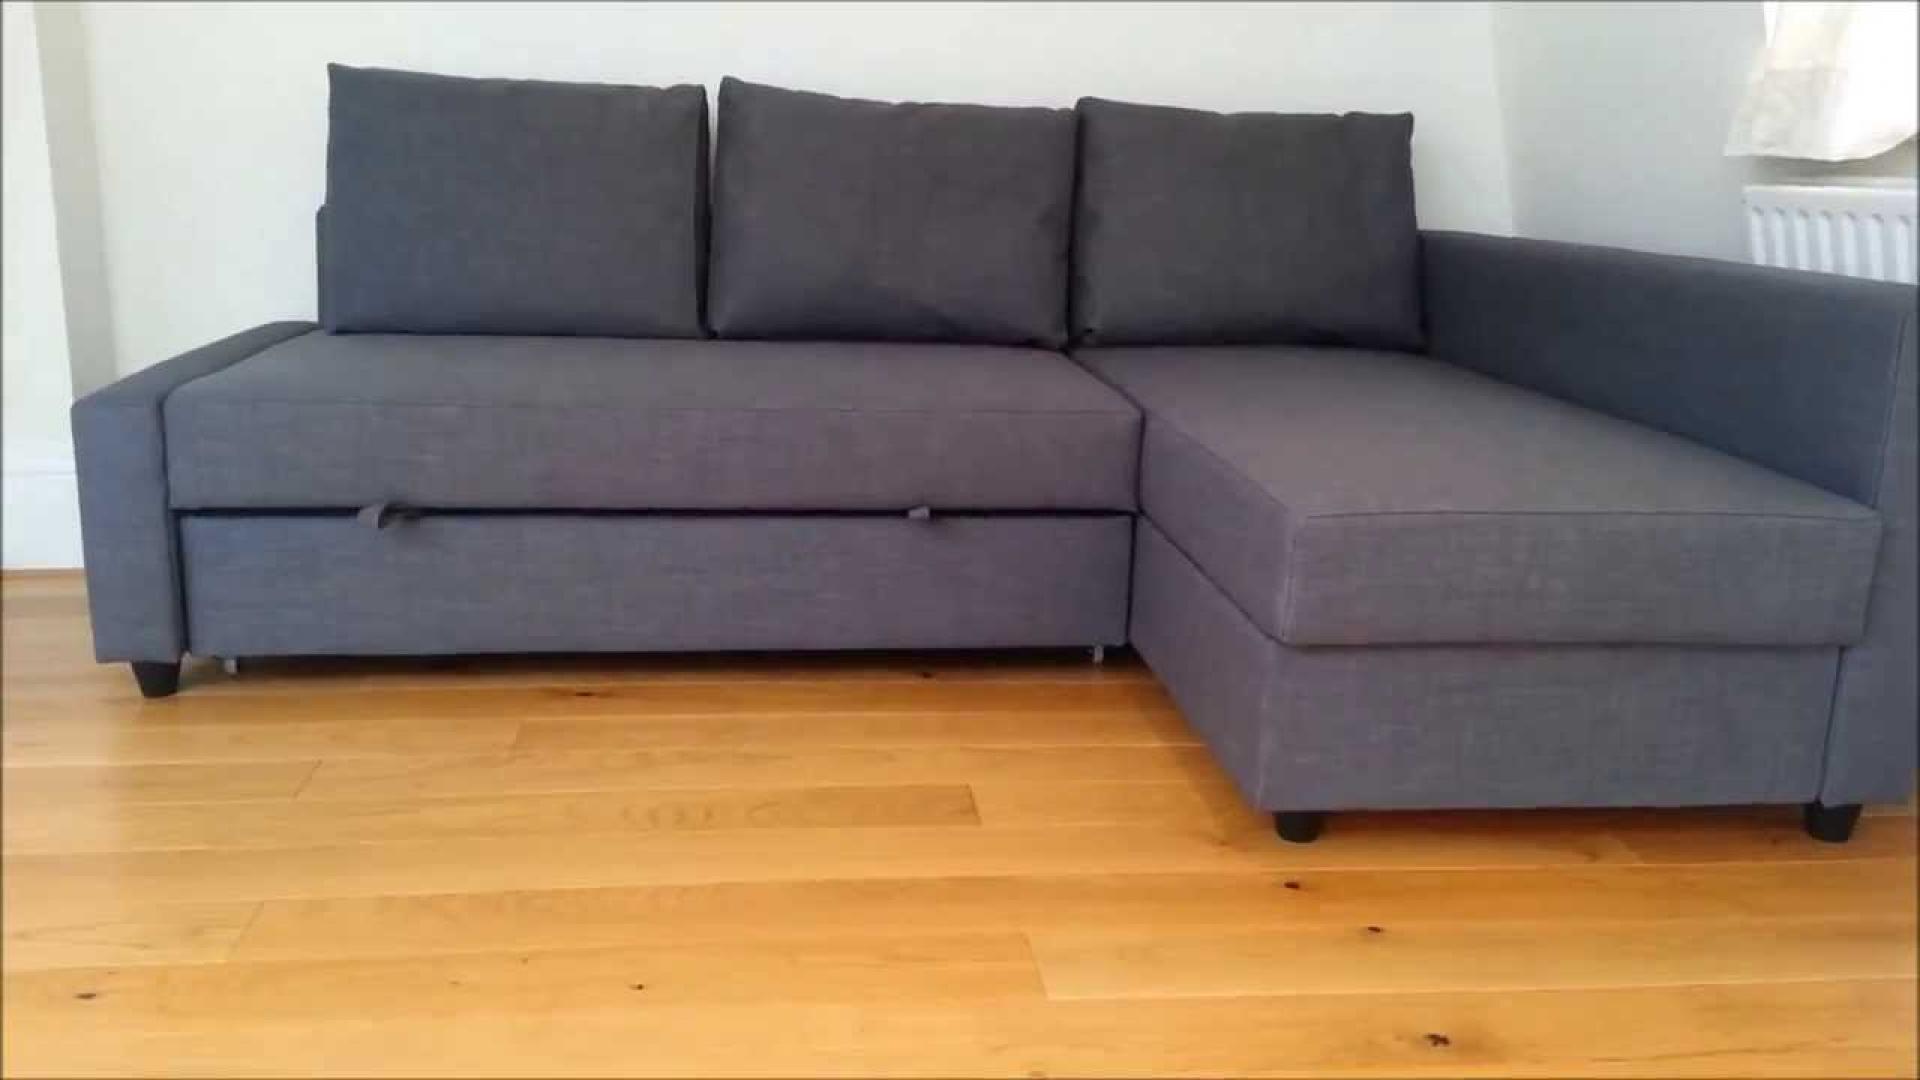 Ikea Lit Maison Canapé Jardin Mobilier Gris L1fctjk